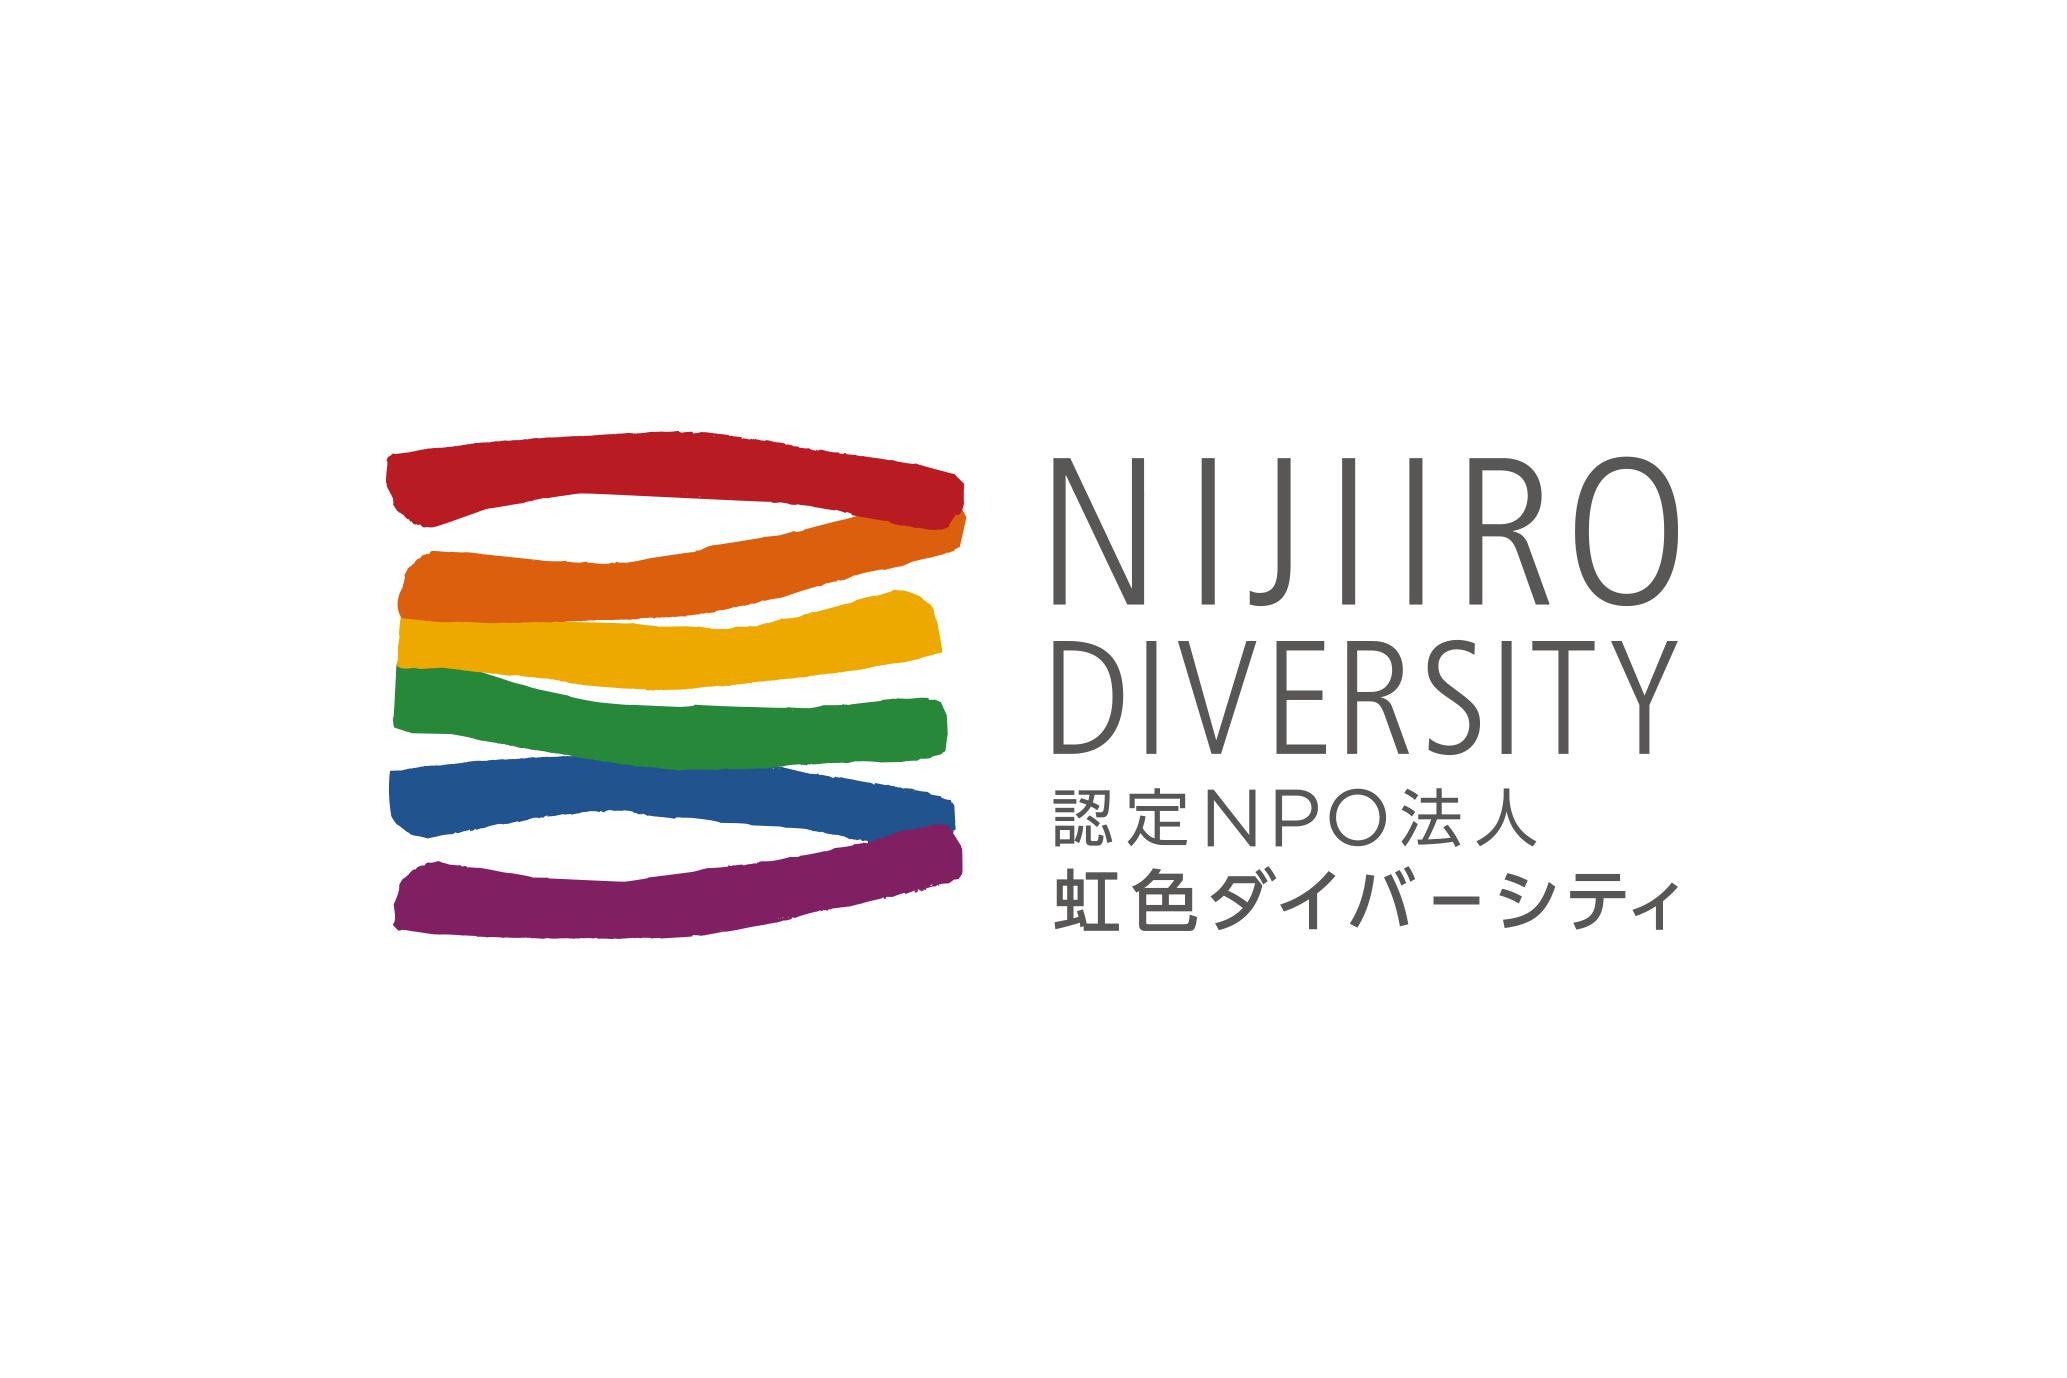 虹色ダイバーシティロゴ